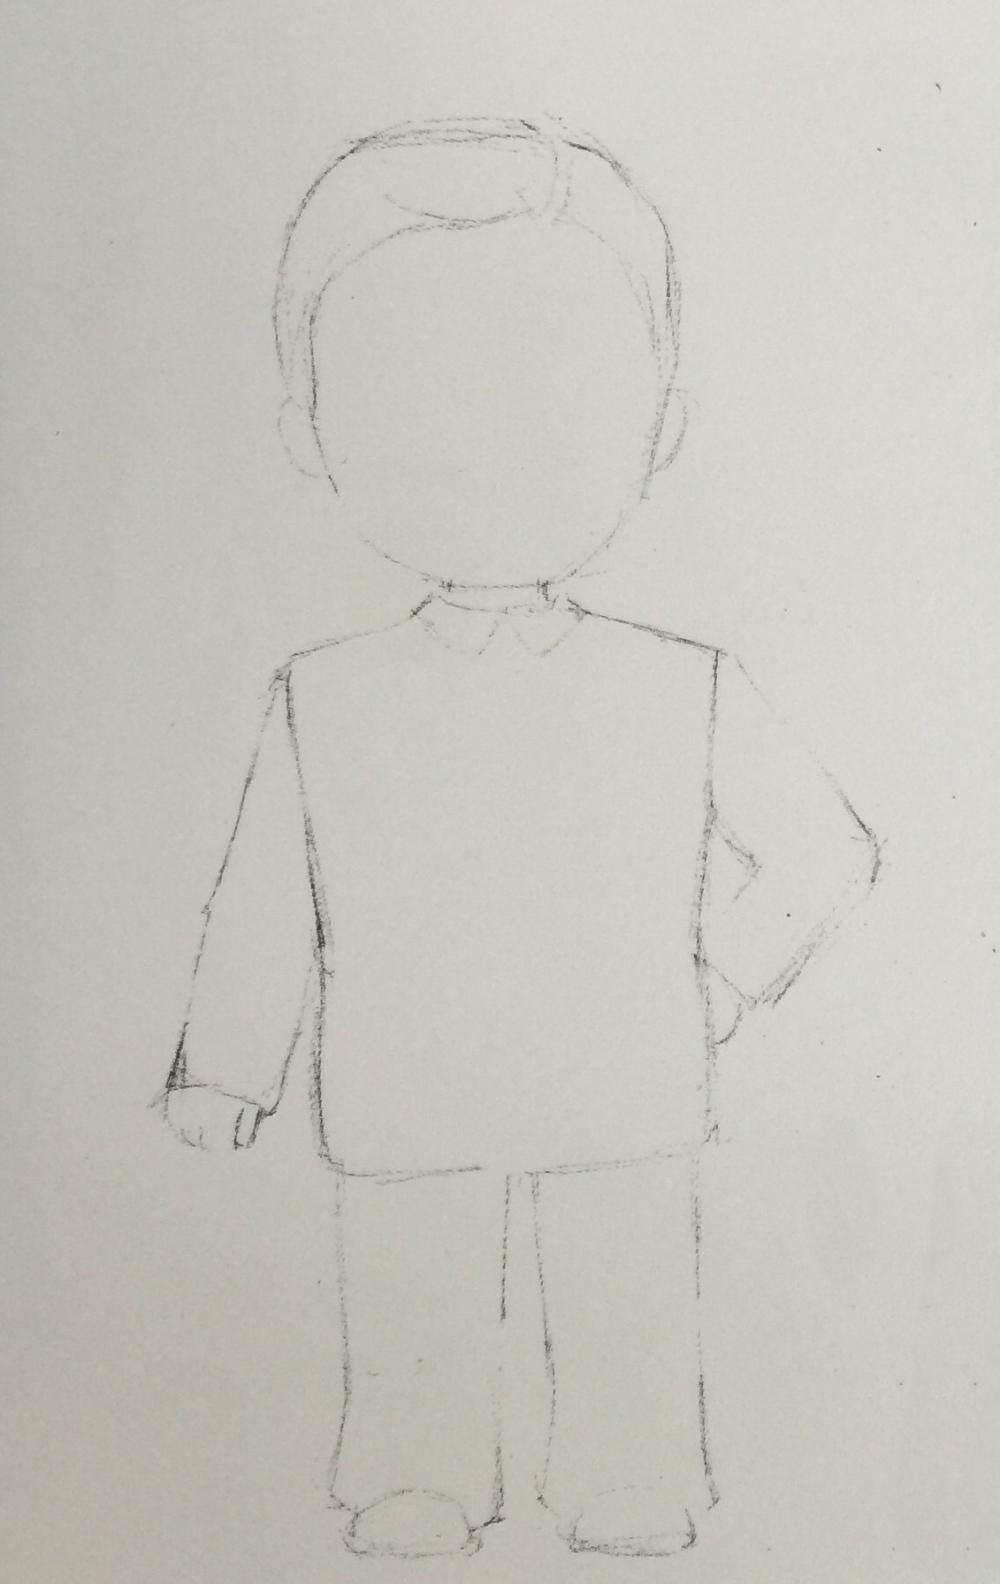 彩铅手绘中山装教程手绘少儿v教程串珠图纸心心相印图片